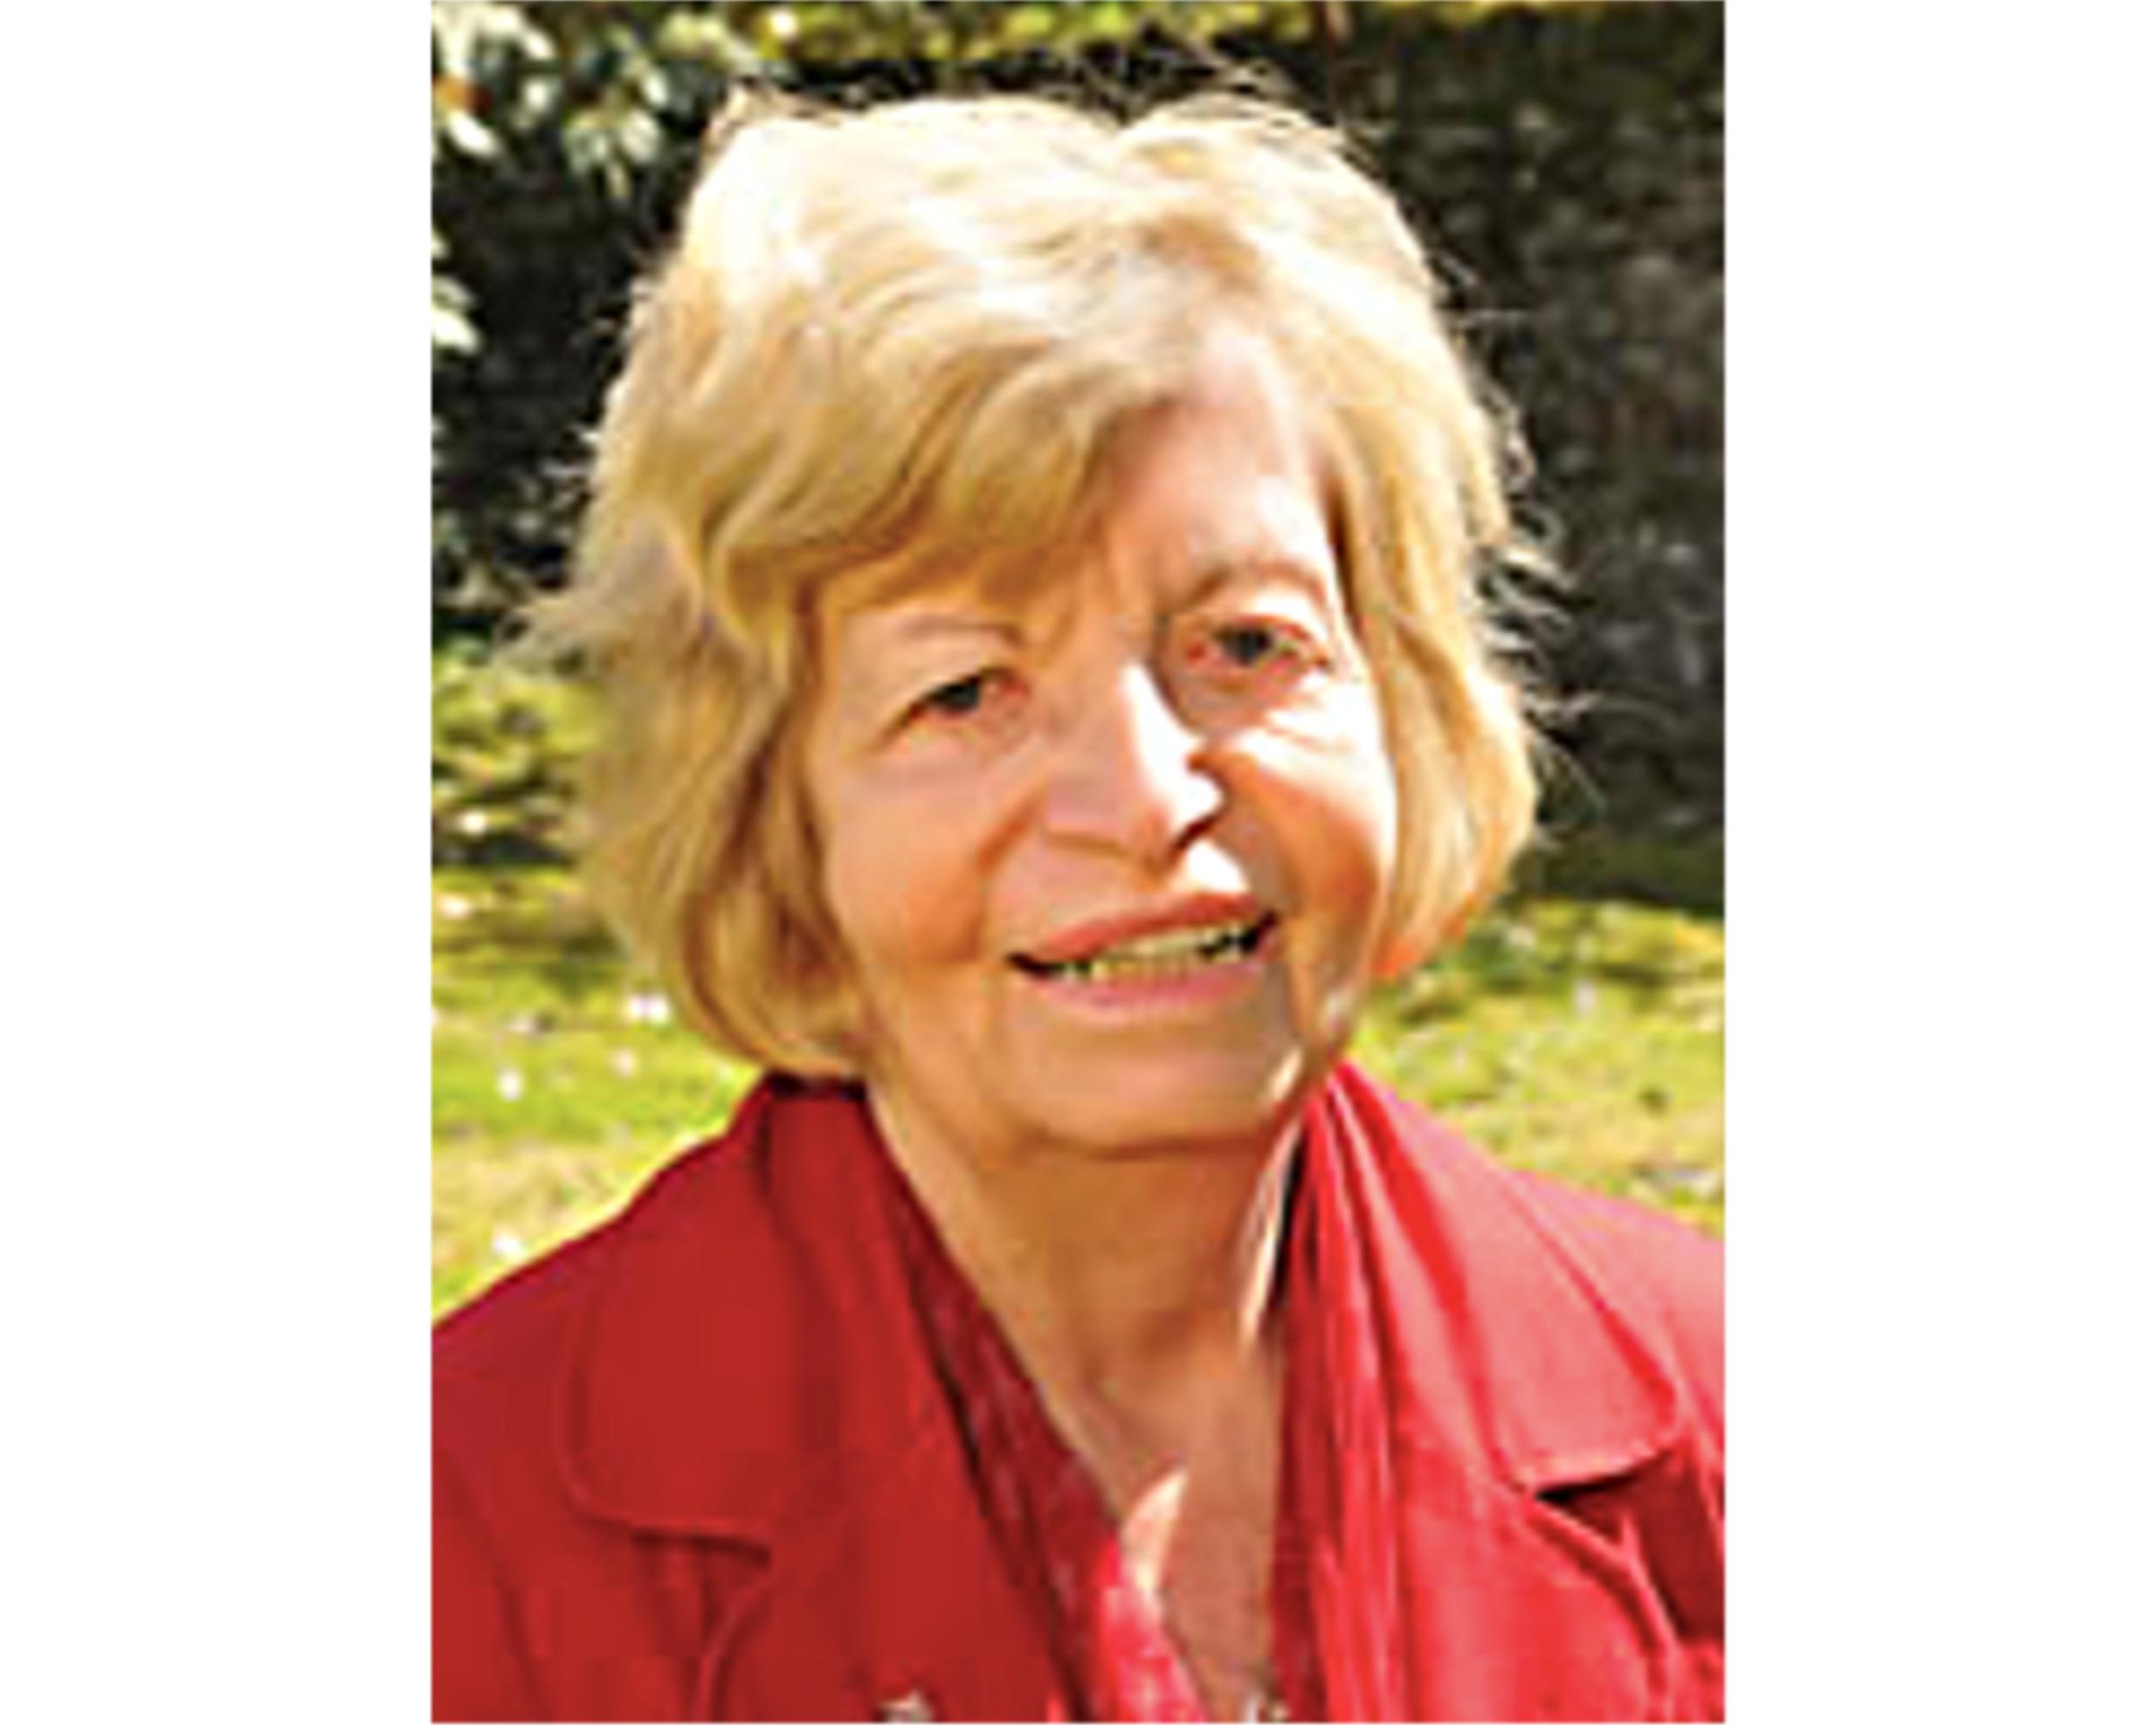 Cllr Anne Horn, SNP, of Argyll & Bute.